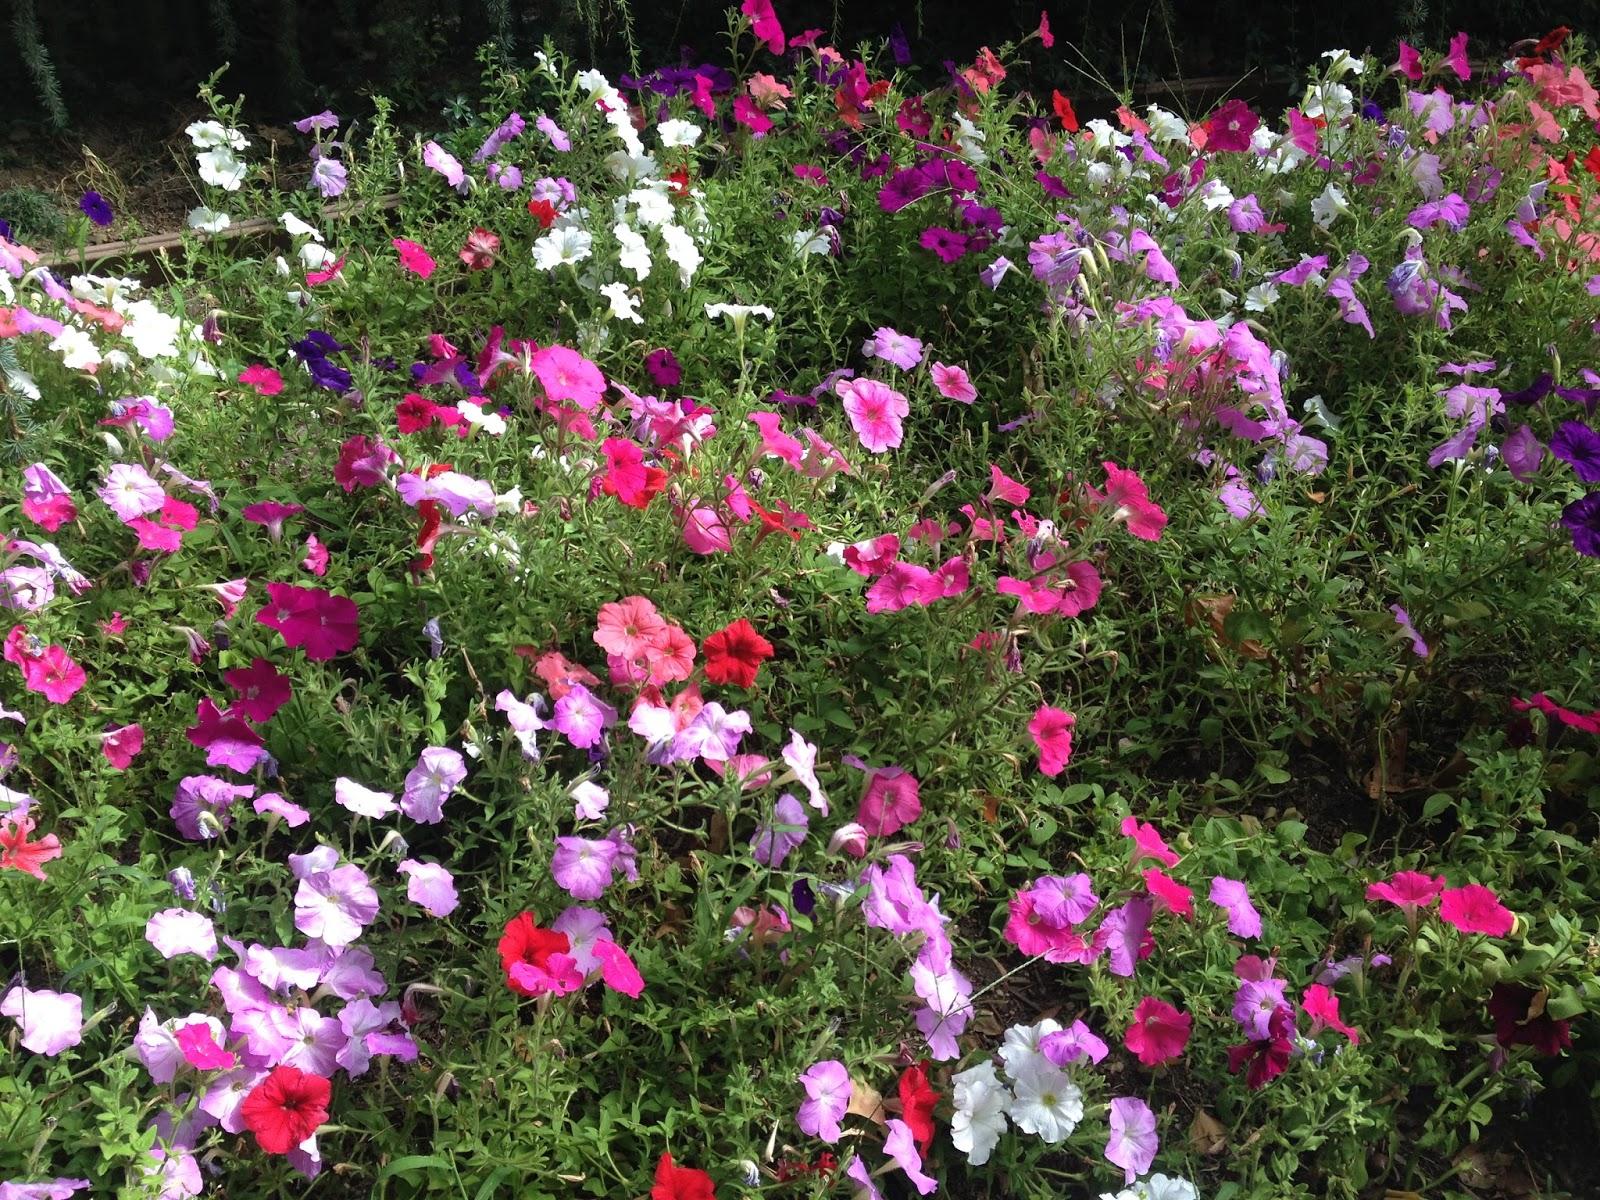 The pepper express gilroy gardens for Gilroy garden trees